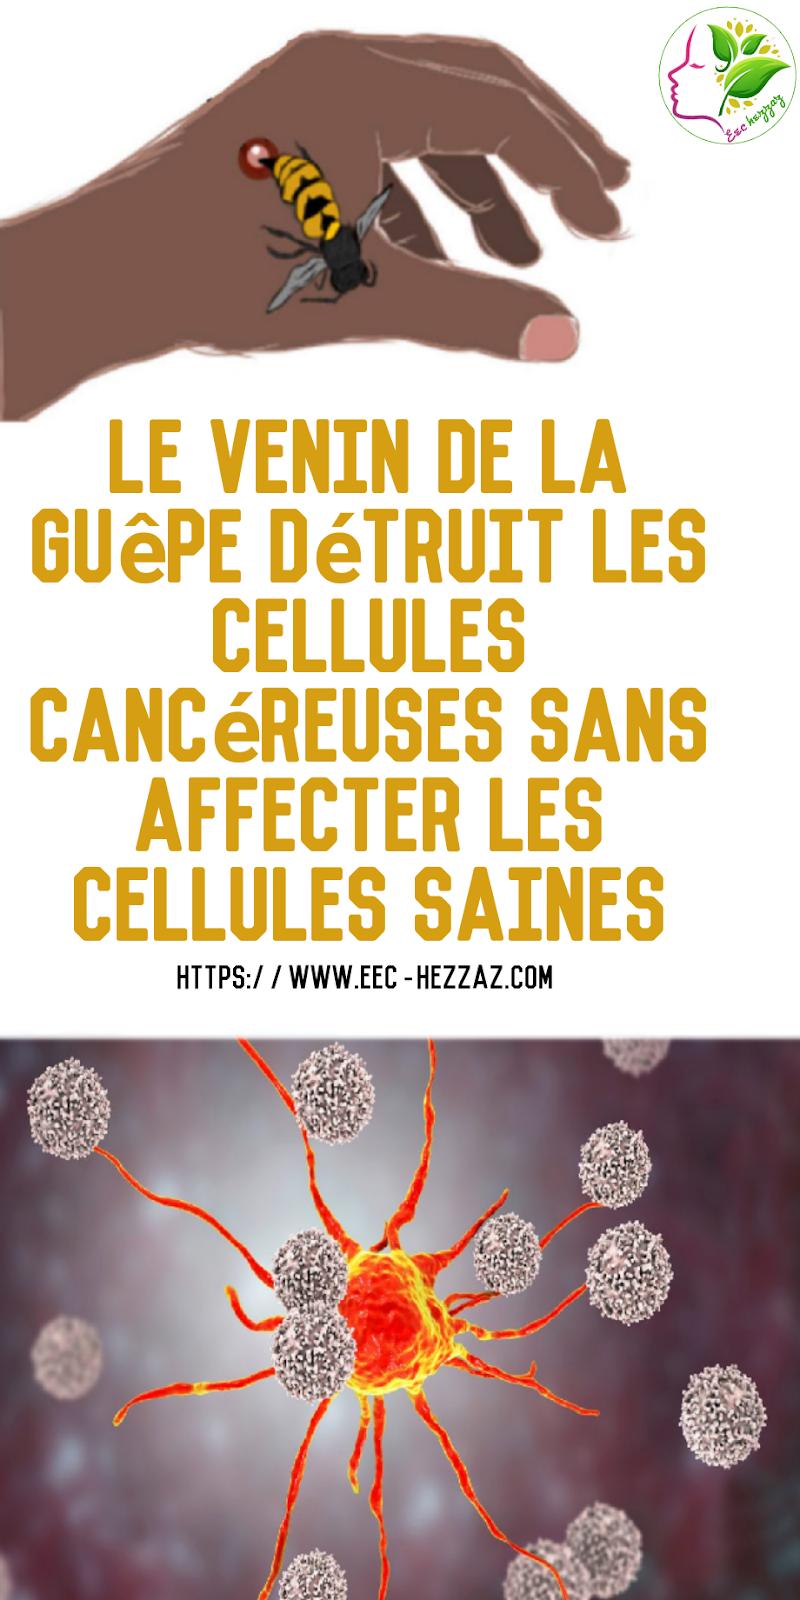 Le venin de la guêpe détruit les cellules cancéreuses sans affecter les cellules saines